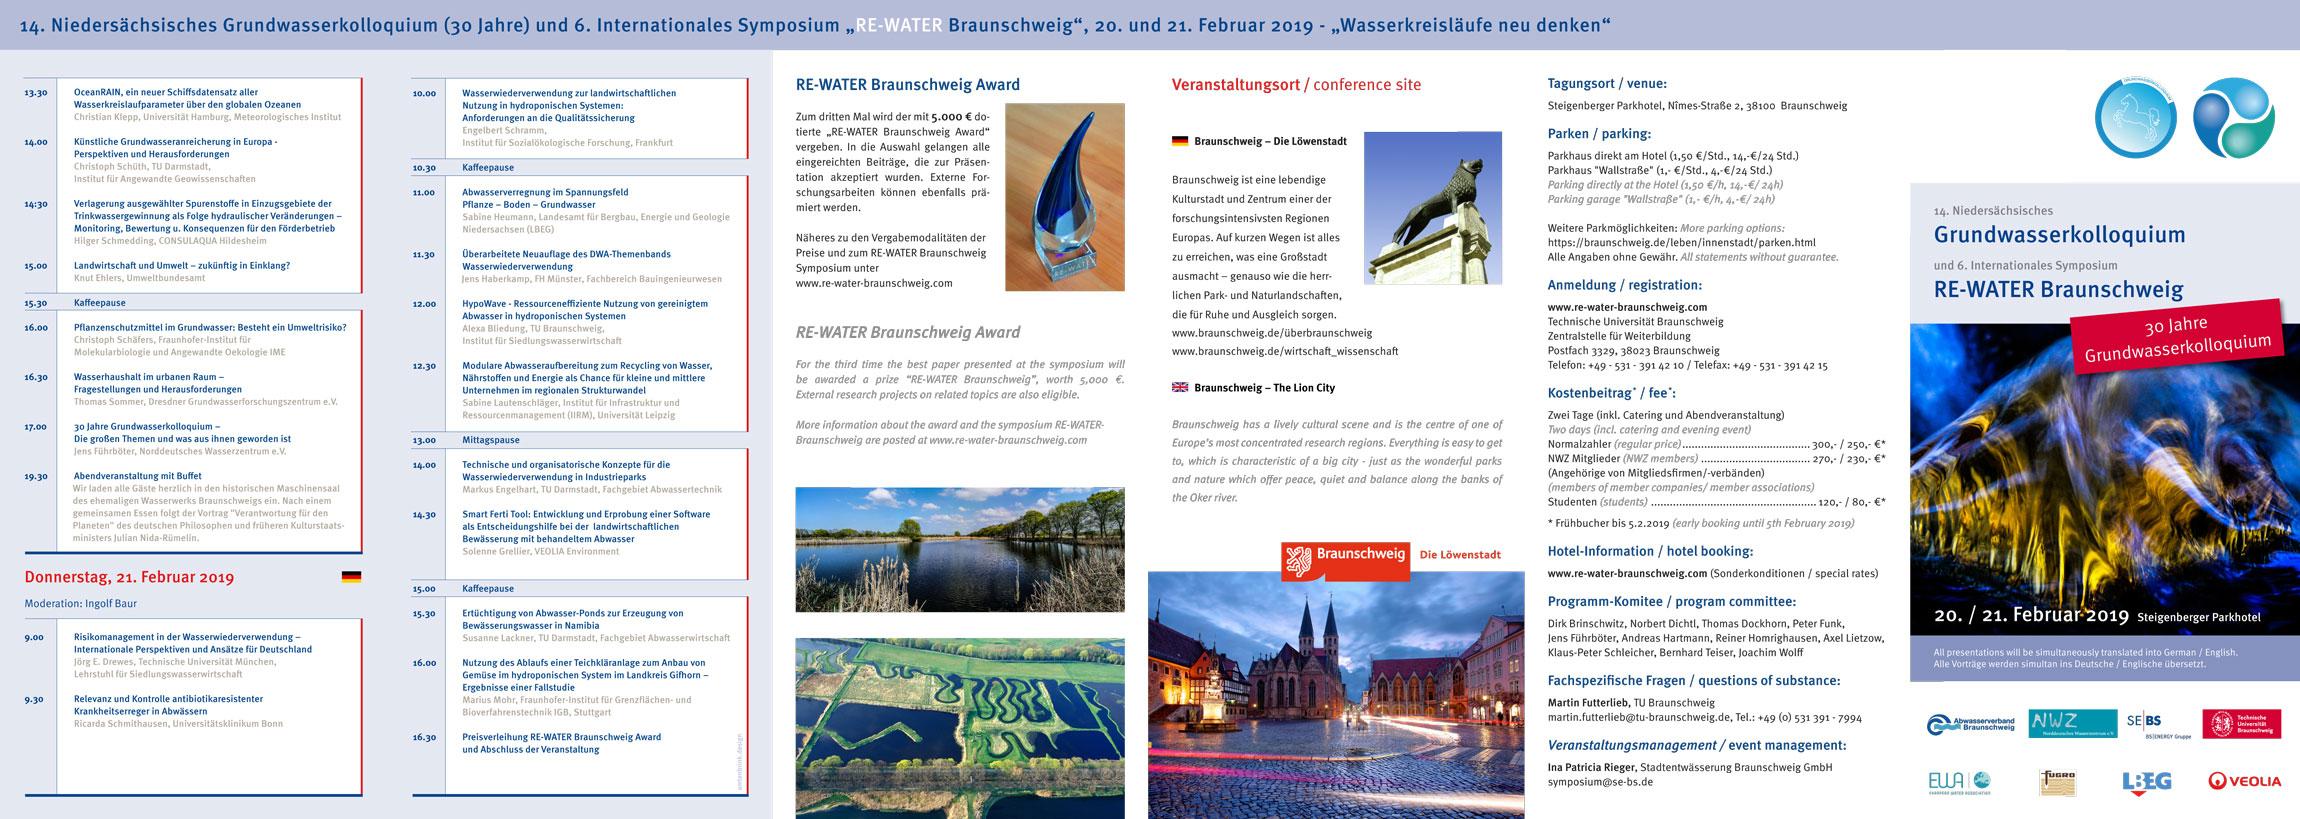 RE-WATER Braunschweig – Symposium 2019